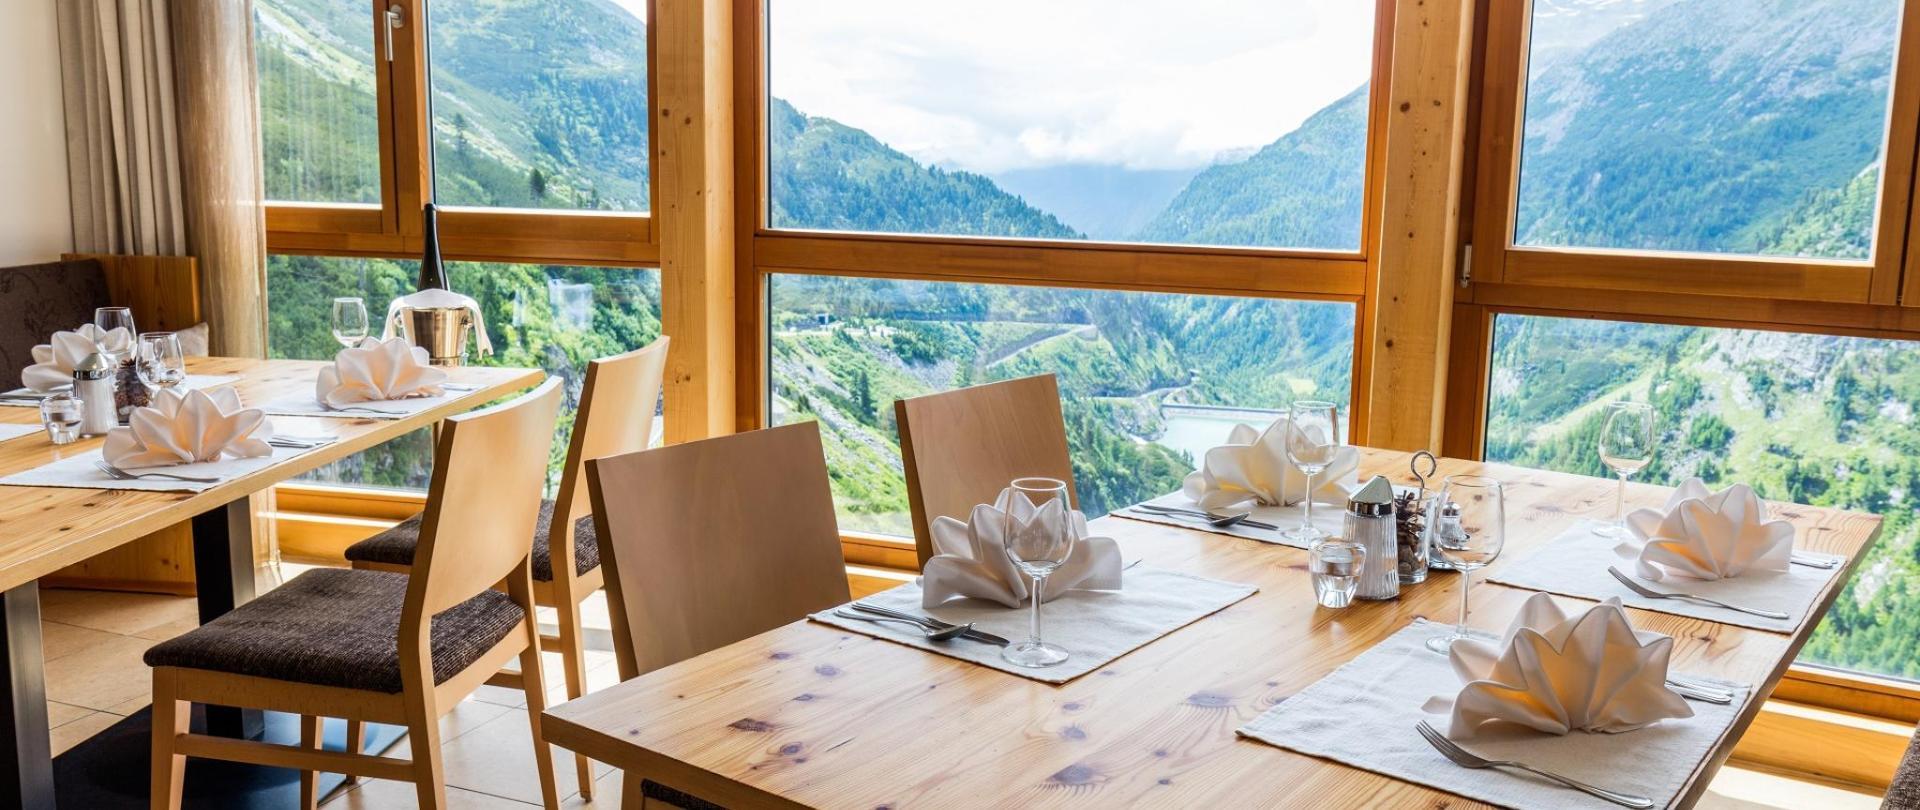 Restaurant Aussicht Galgenbichlspeichersee